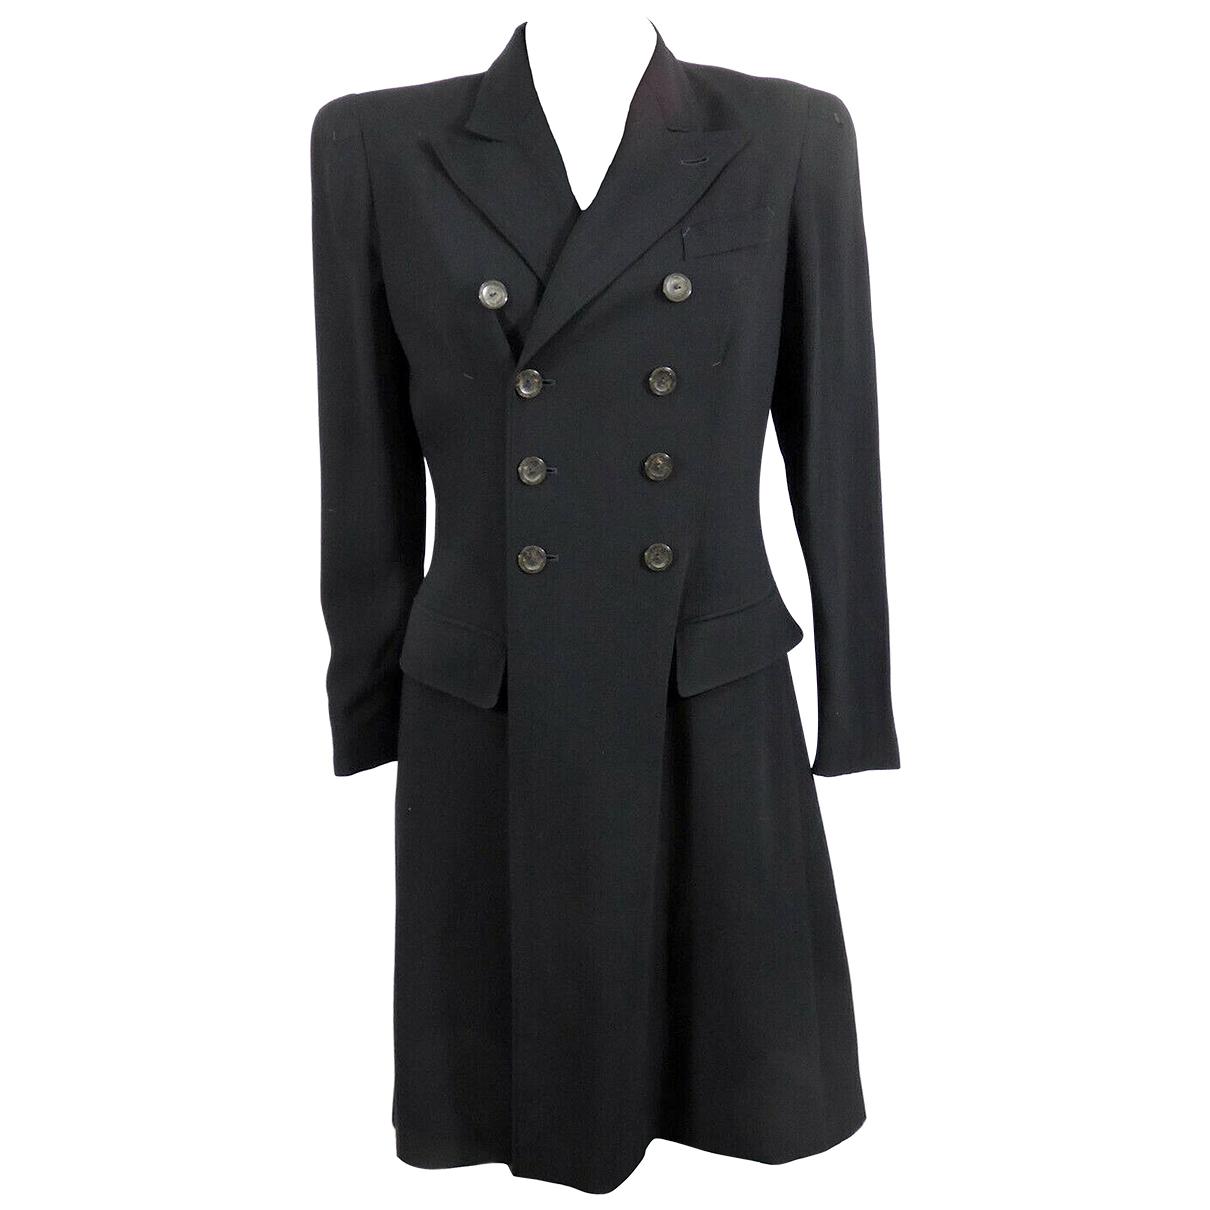 Jean Paul Gaultier - Manteau   pour femme en laine - anthracite